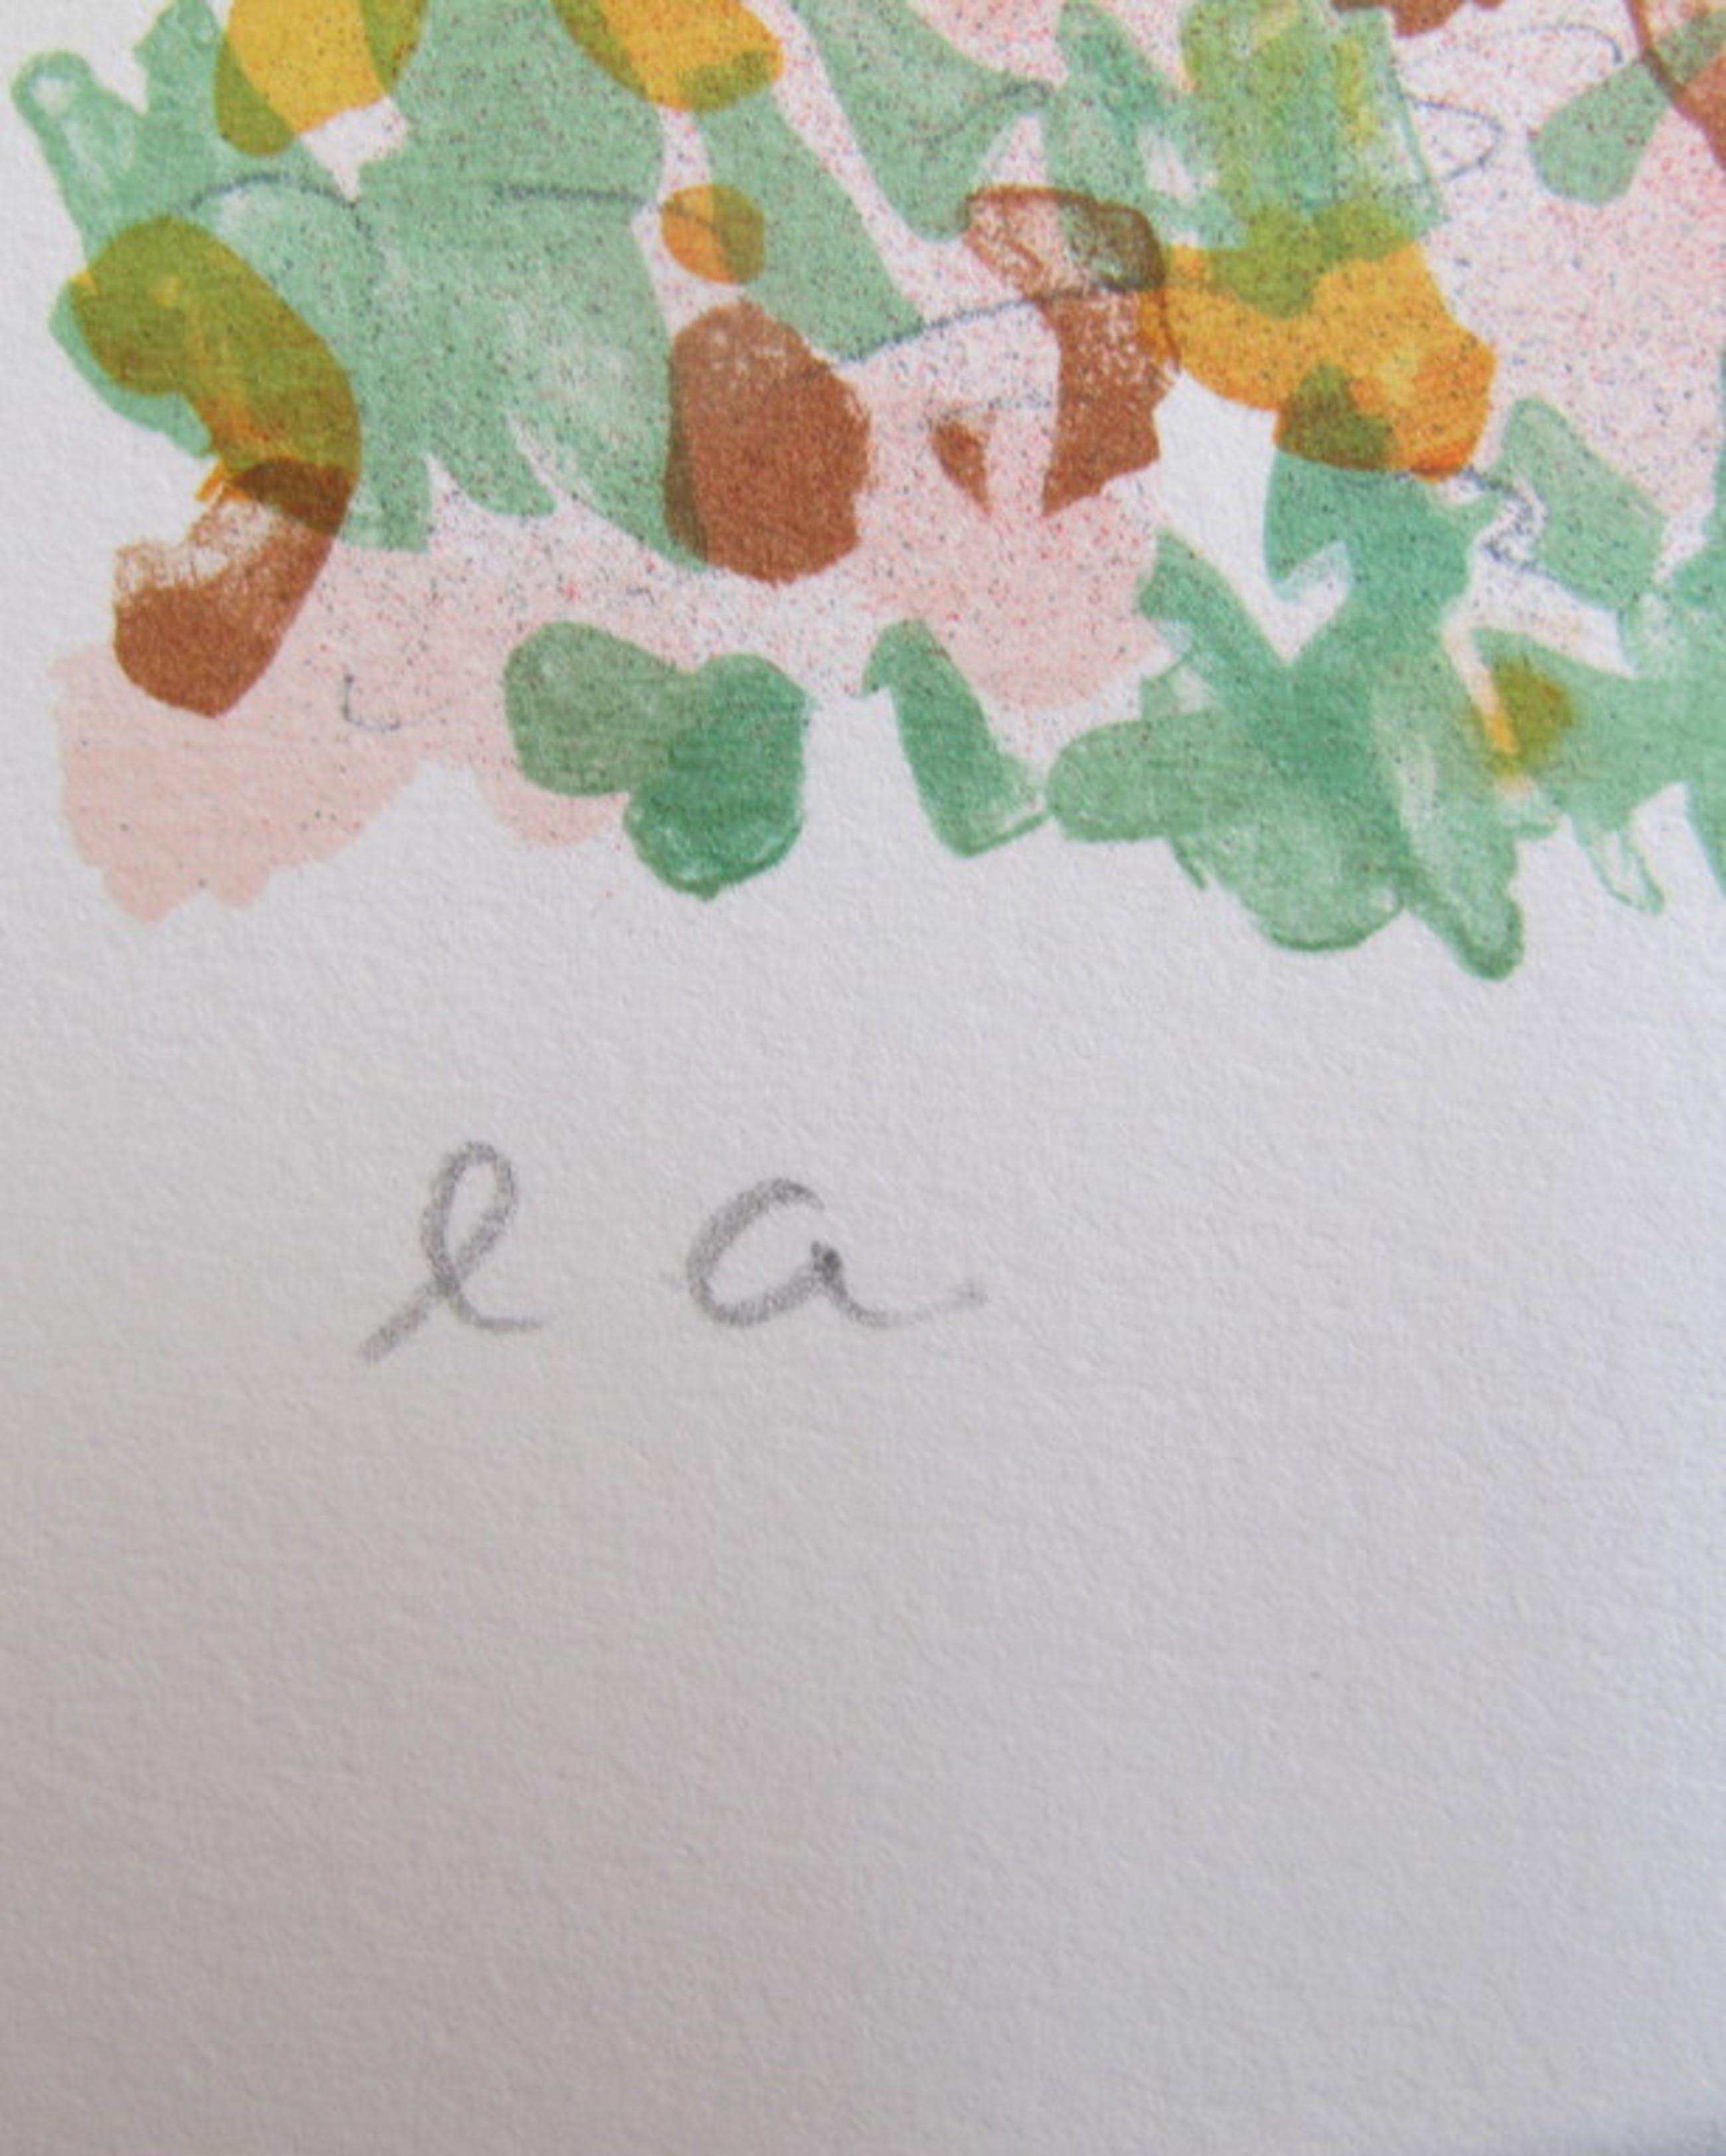 Zladku Oliver 'Paysage' - kleurenlithografie, handgesigneerd kopen? Bied vanaf 25!